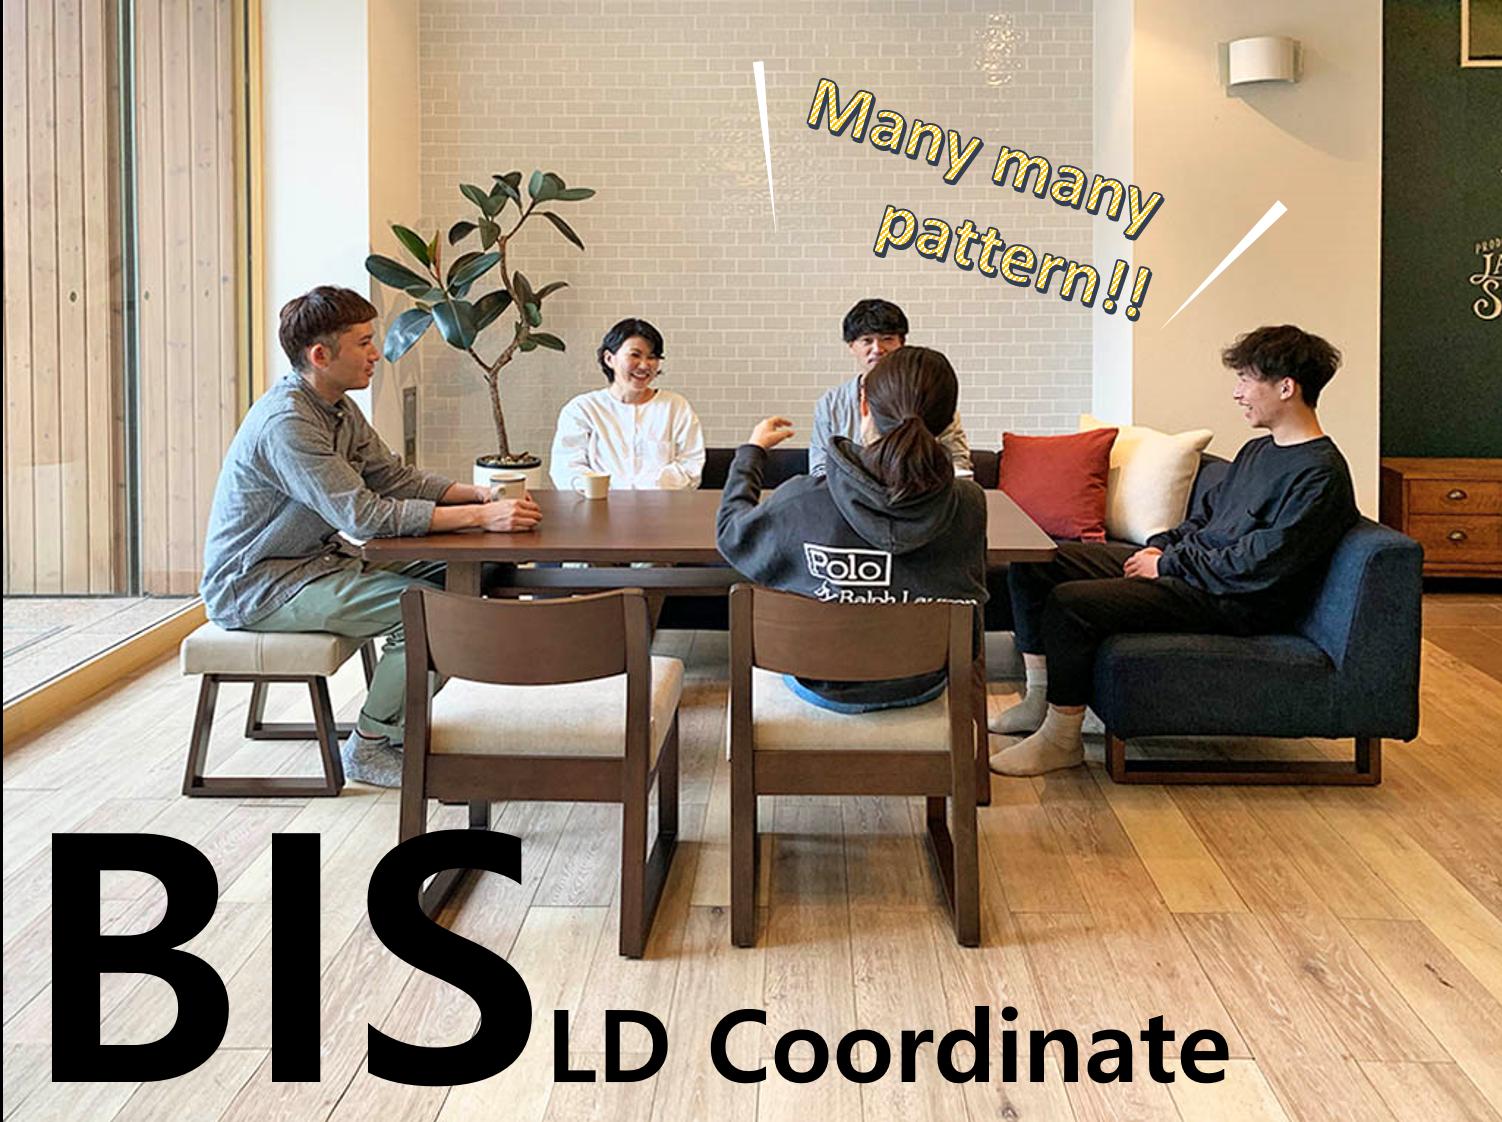 BIS LD Coordinate